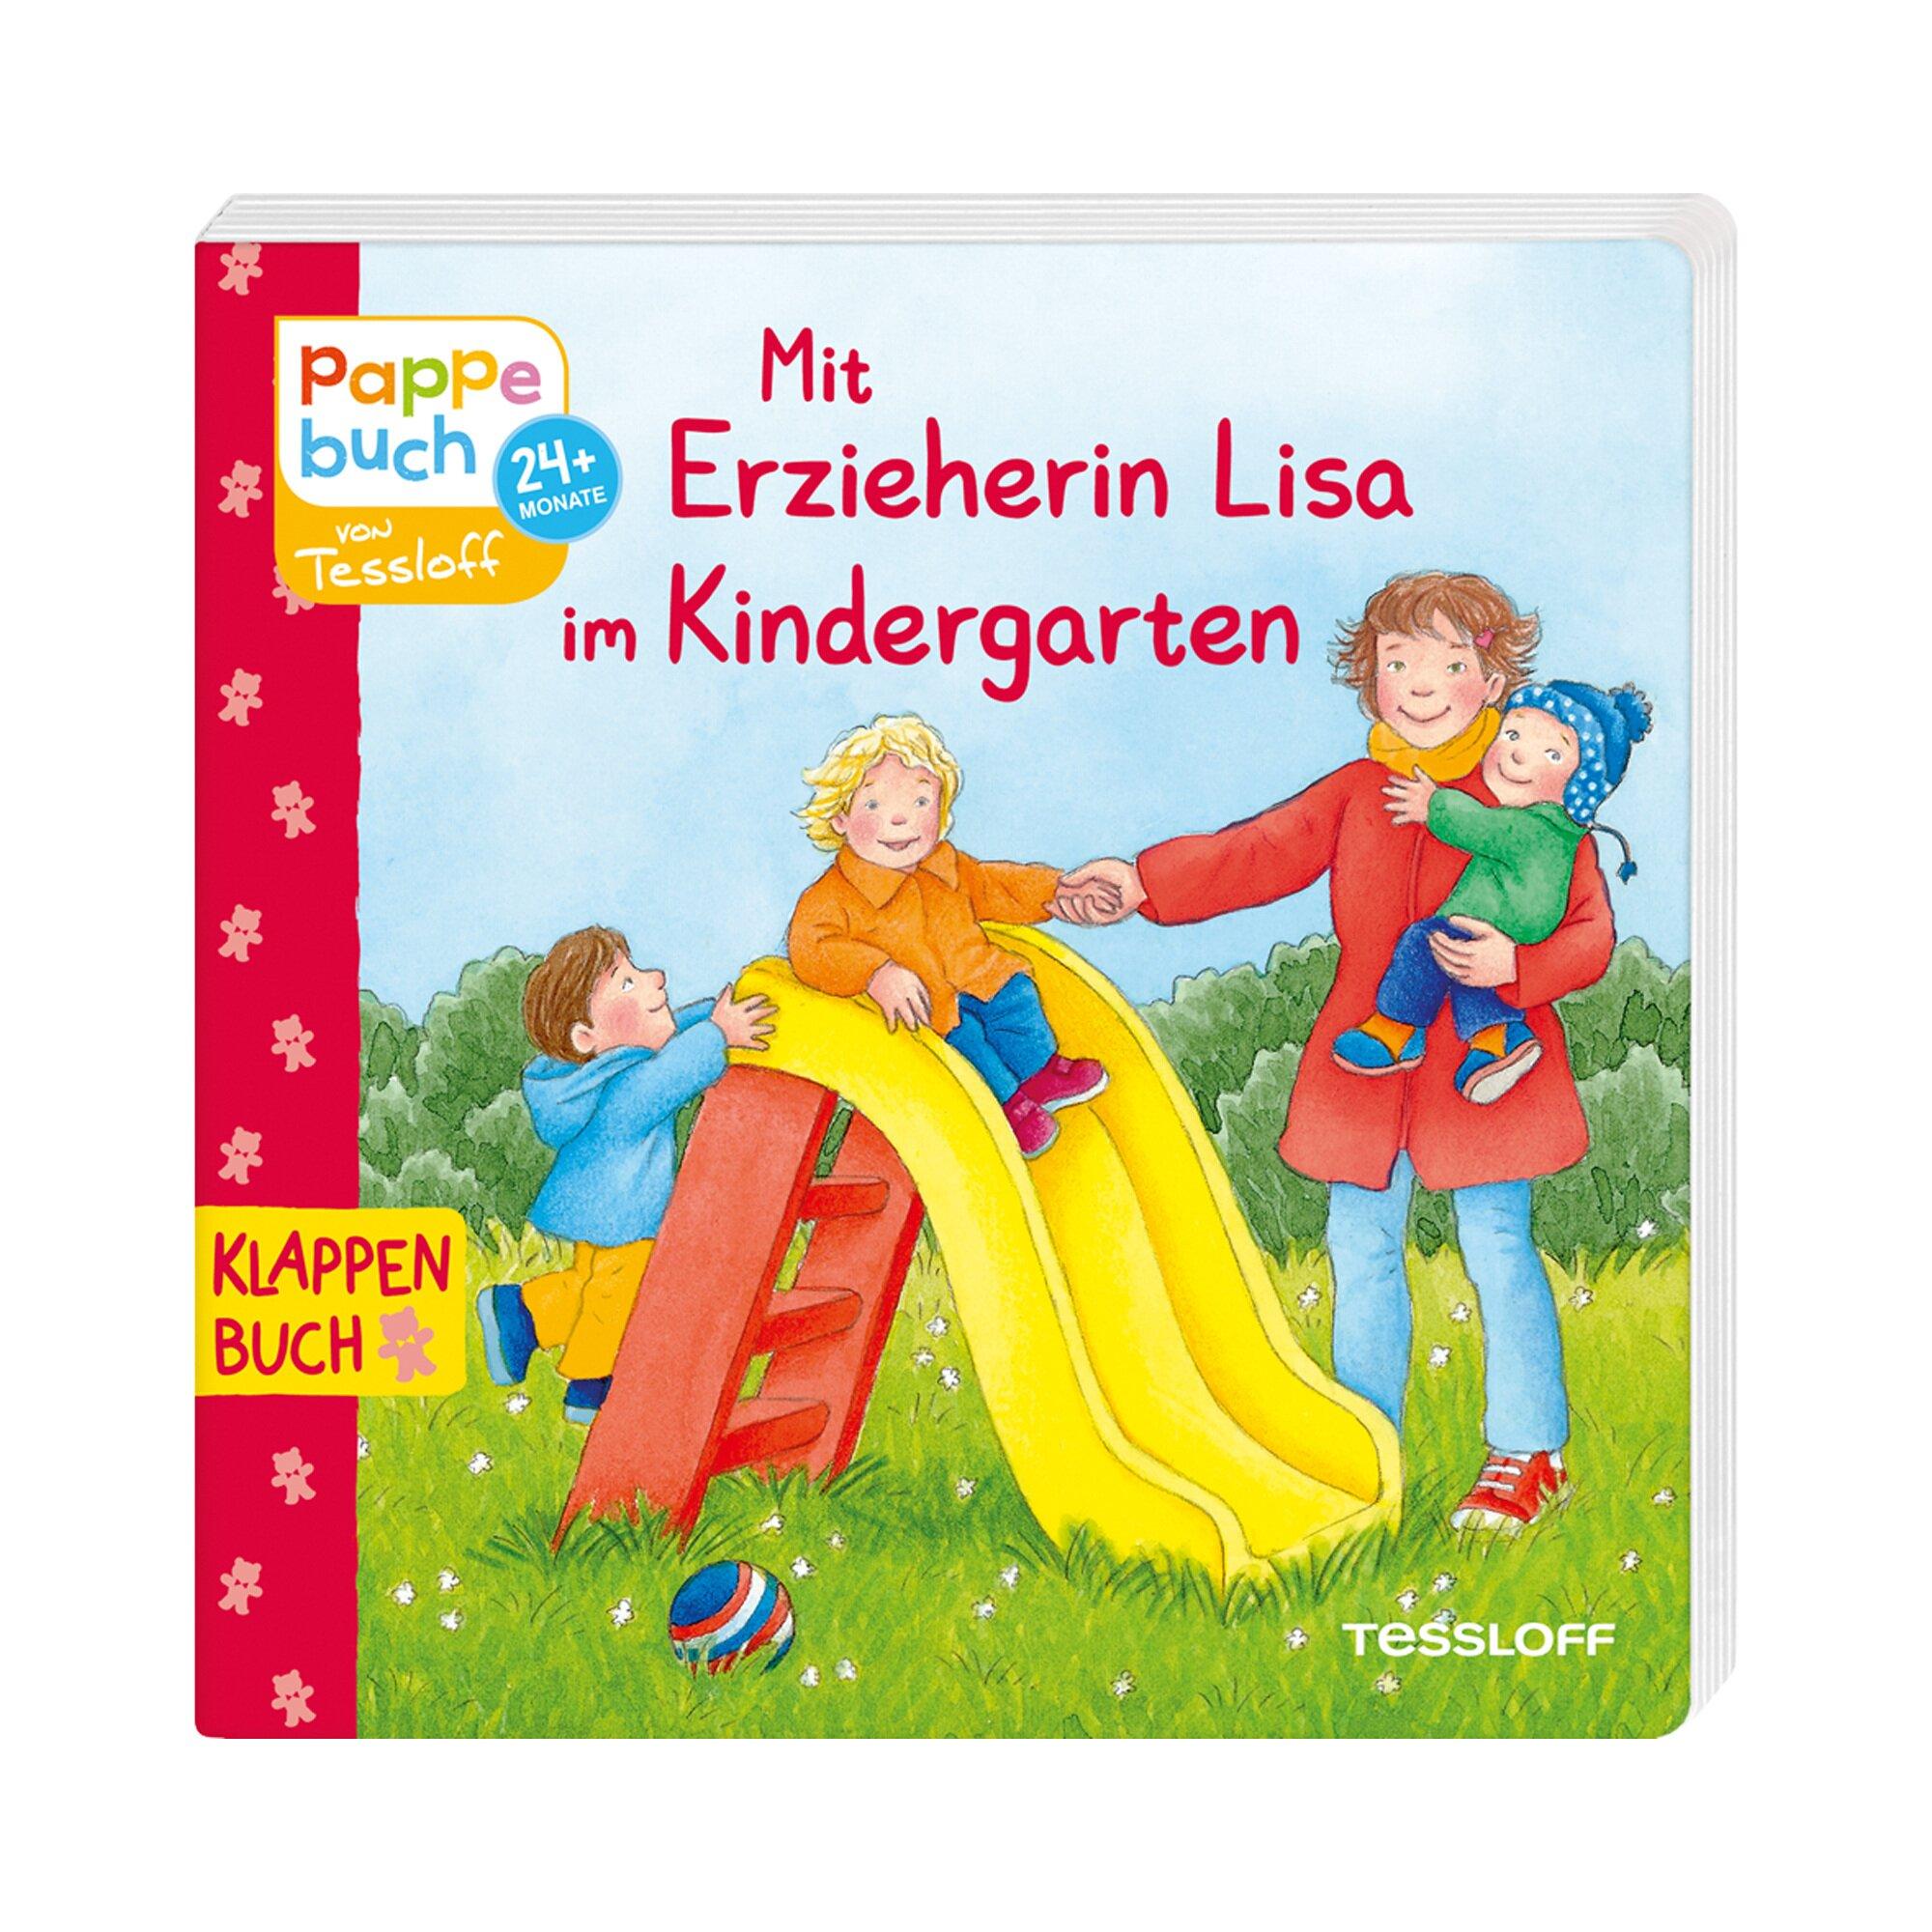 Tessloff Verlag Klappenbuch Mit Erzieherin Lisa im Kindergarten